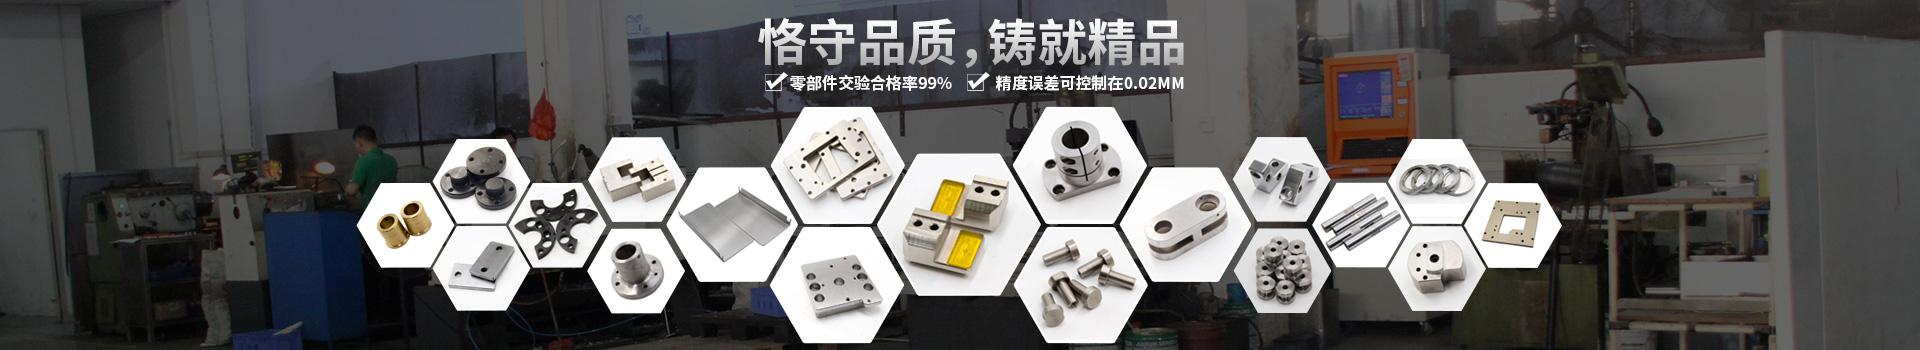 深圳CNC加工厂家,CNC精密机械加工——恪守品质,铸就精品